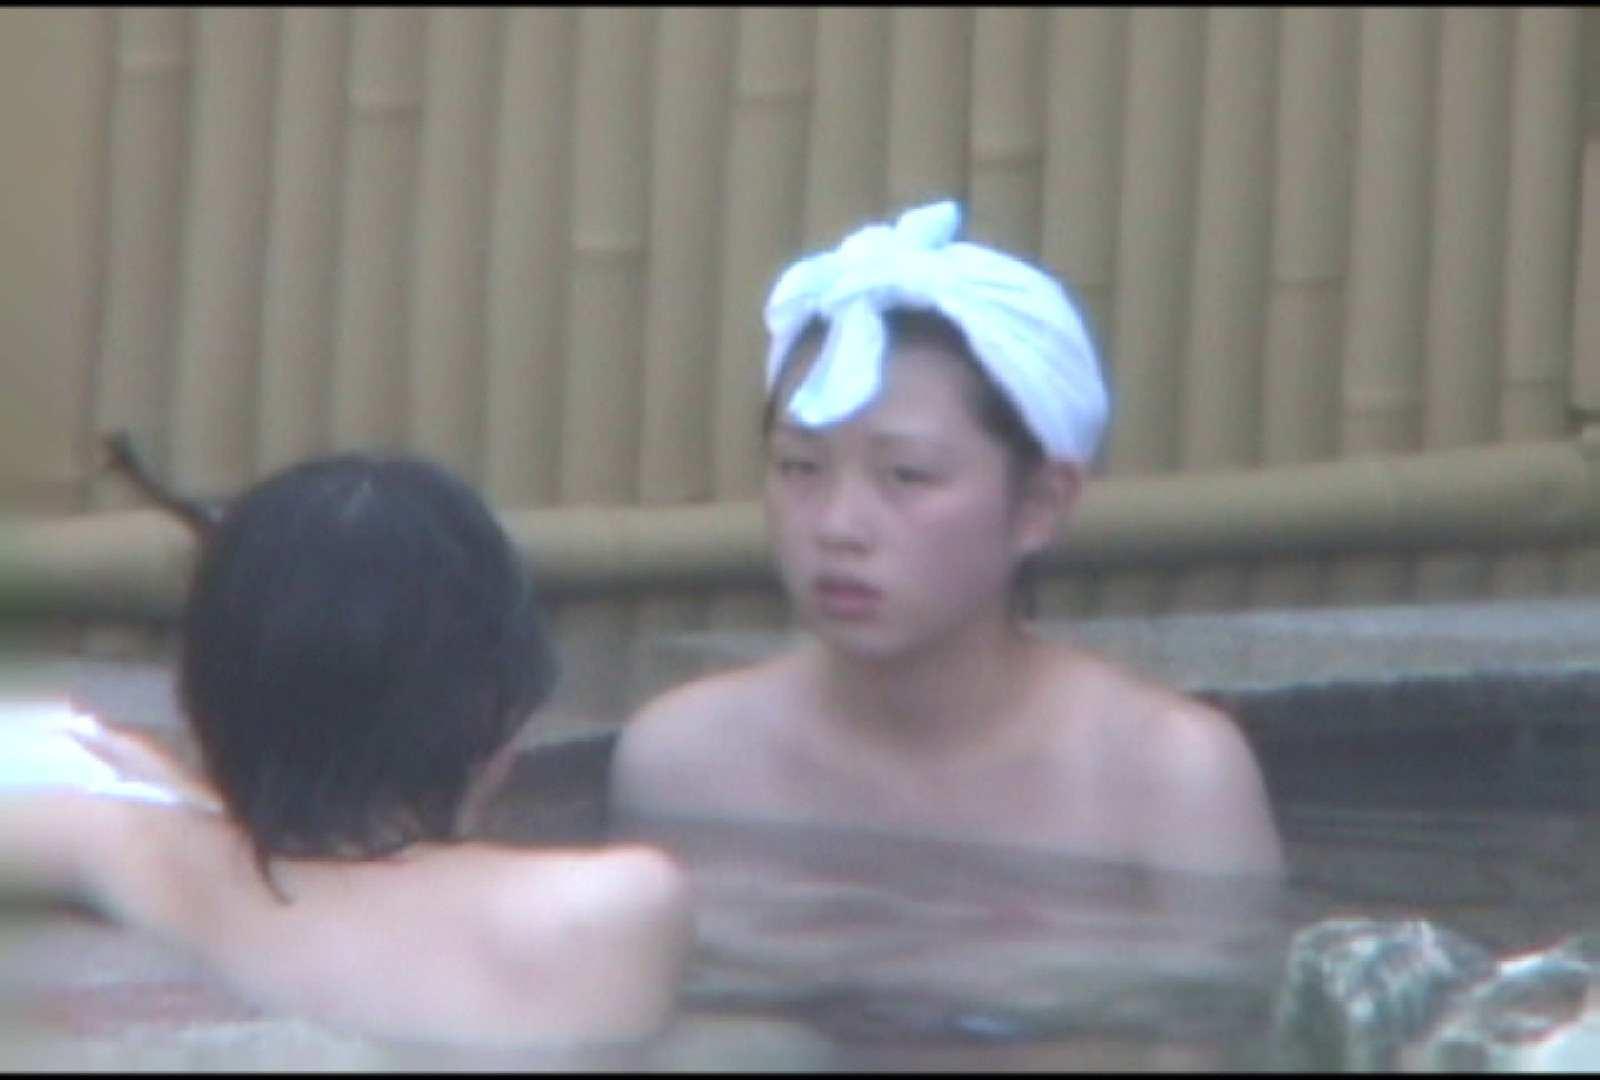 Aquaな露天風呂Vol.146 OLのエロ生活 | 盗撮  90連発 19